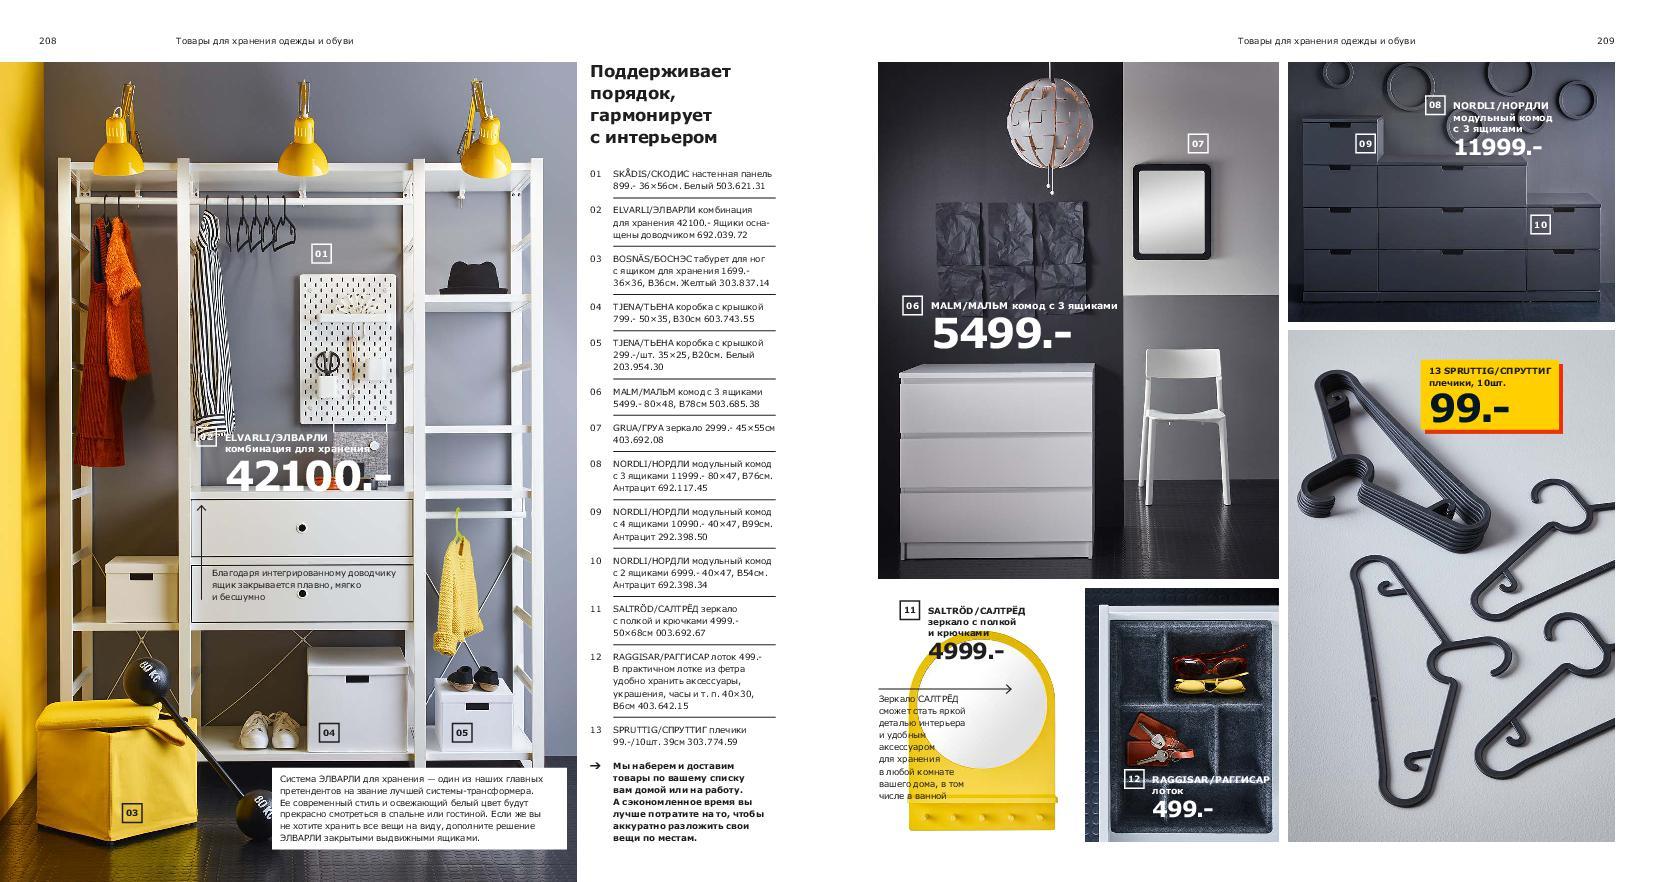 IKEA_catalogue_2019-105